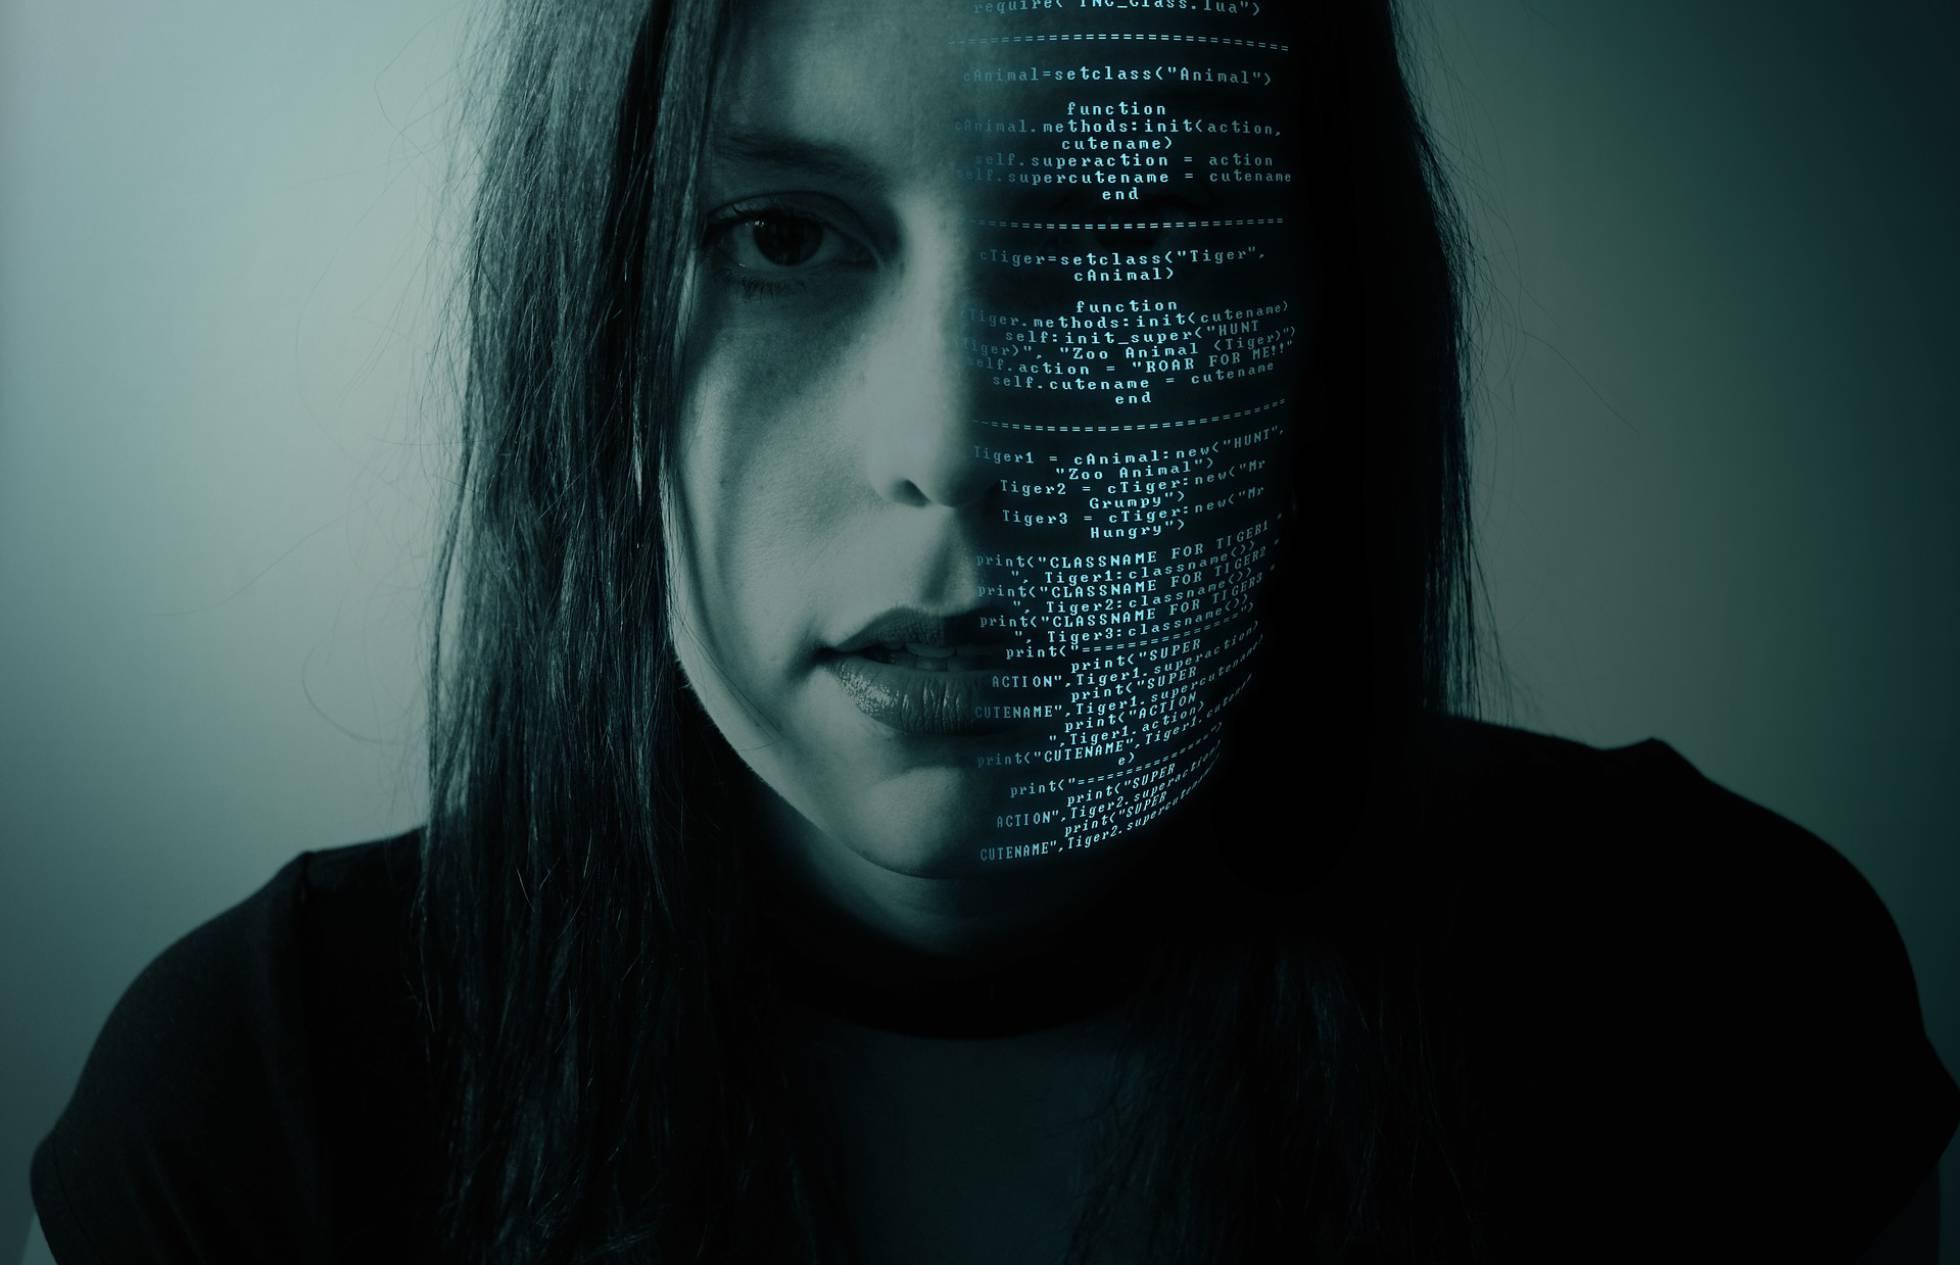 Mujeres hackers y otras reflexiones